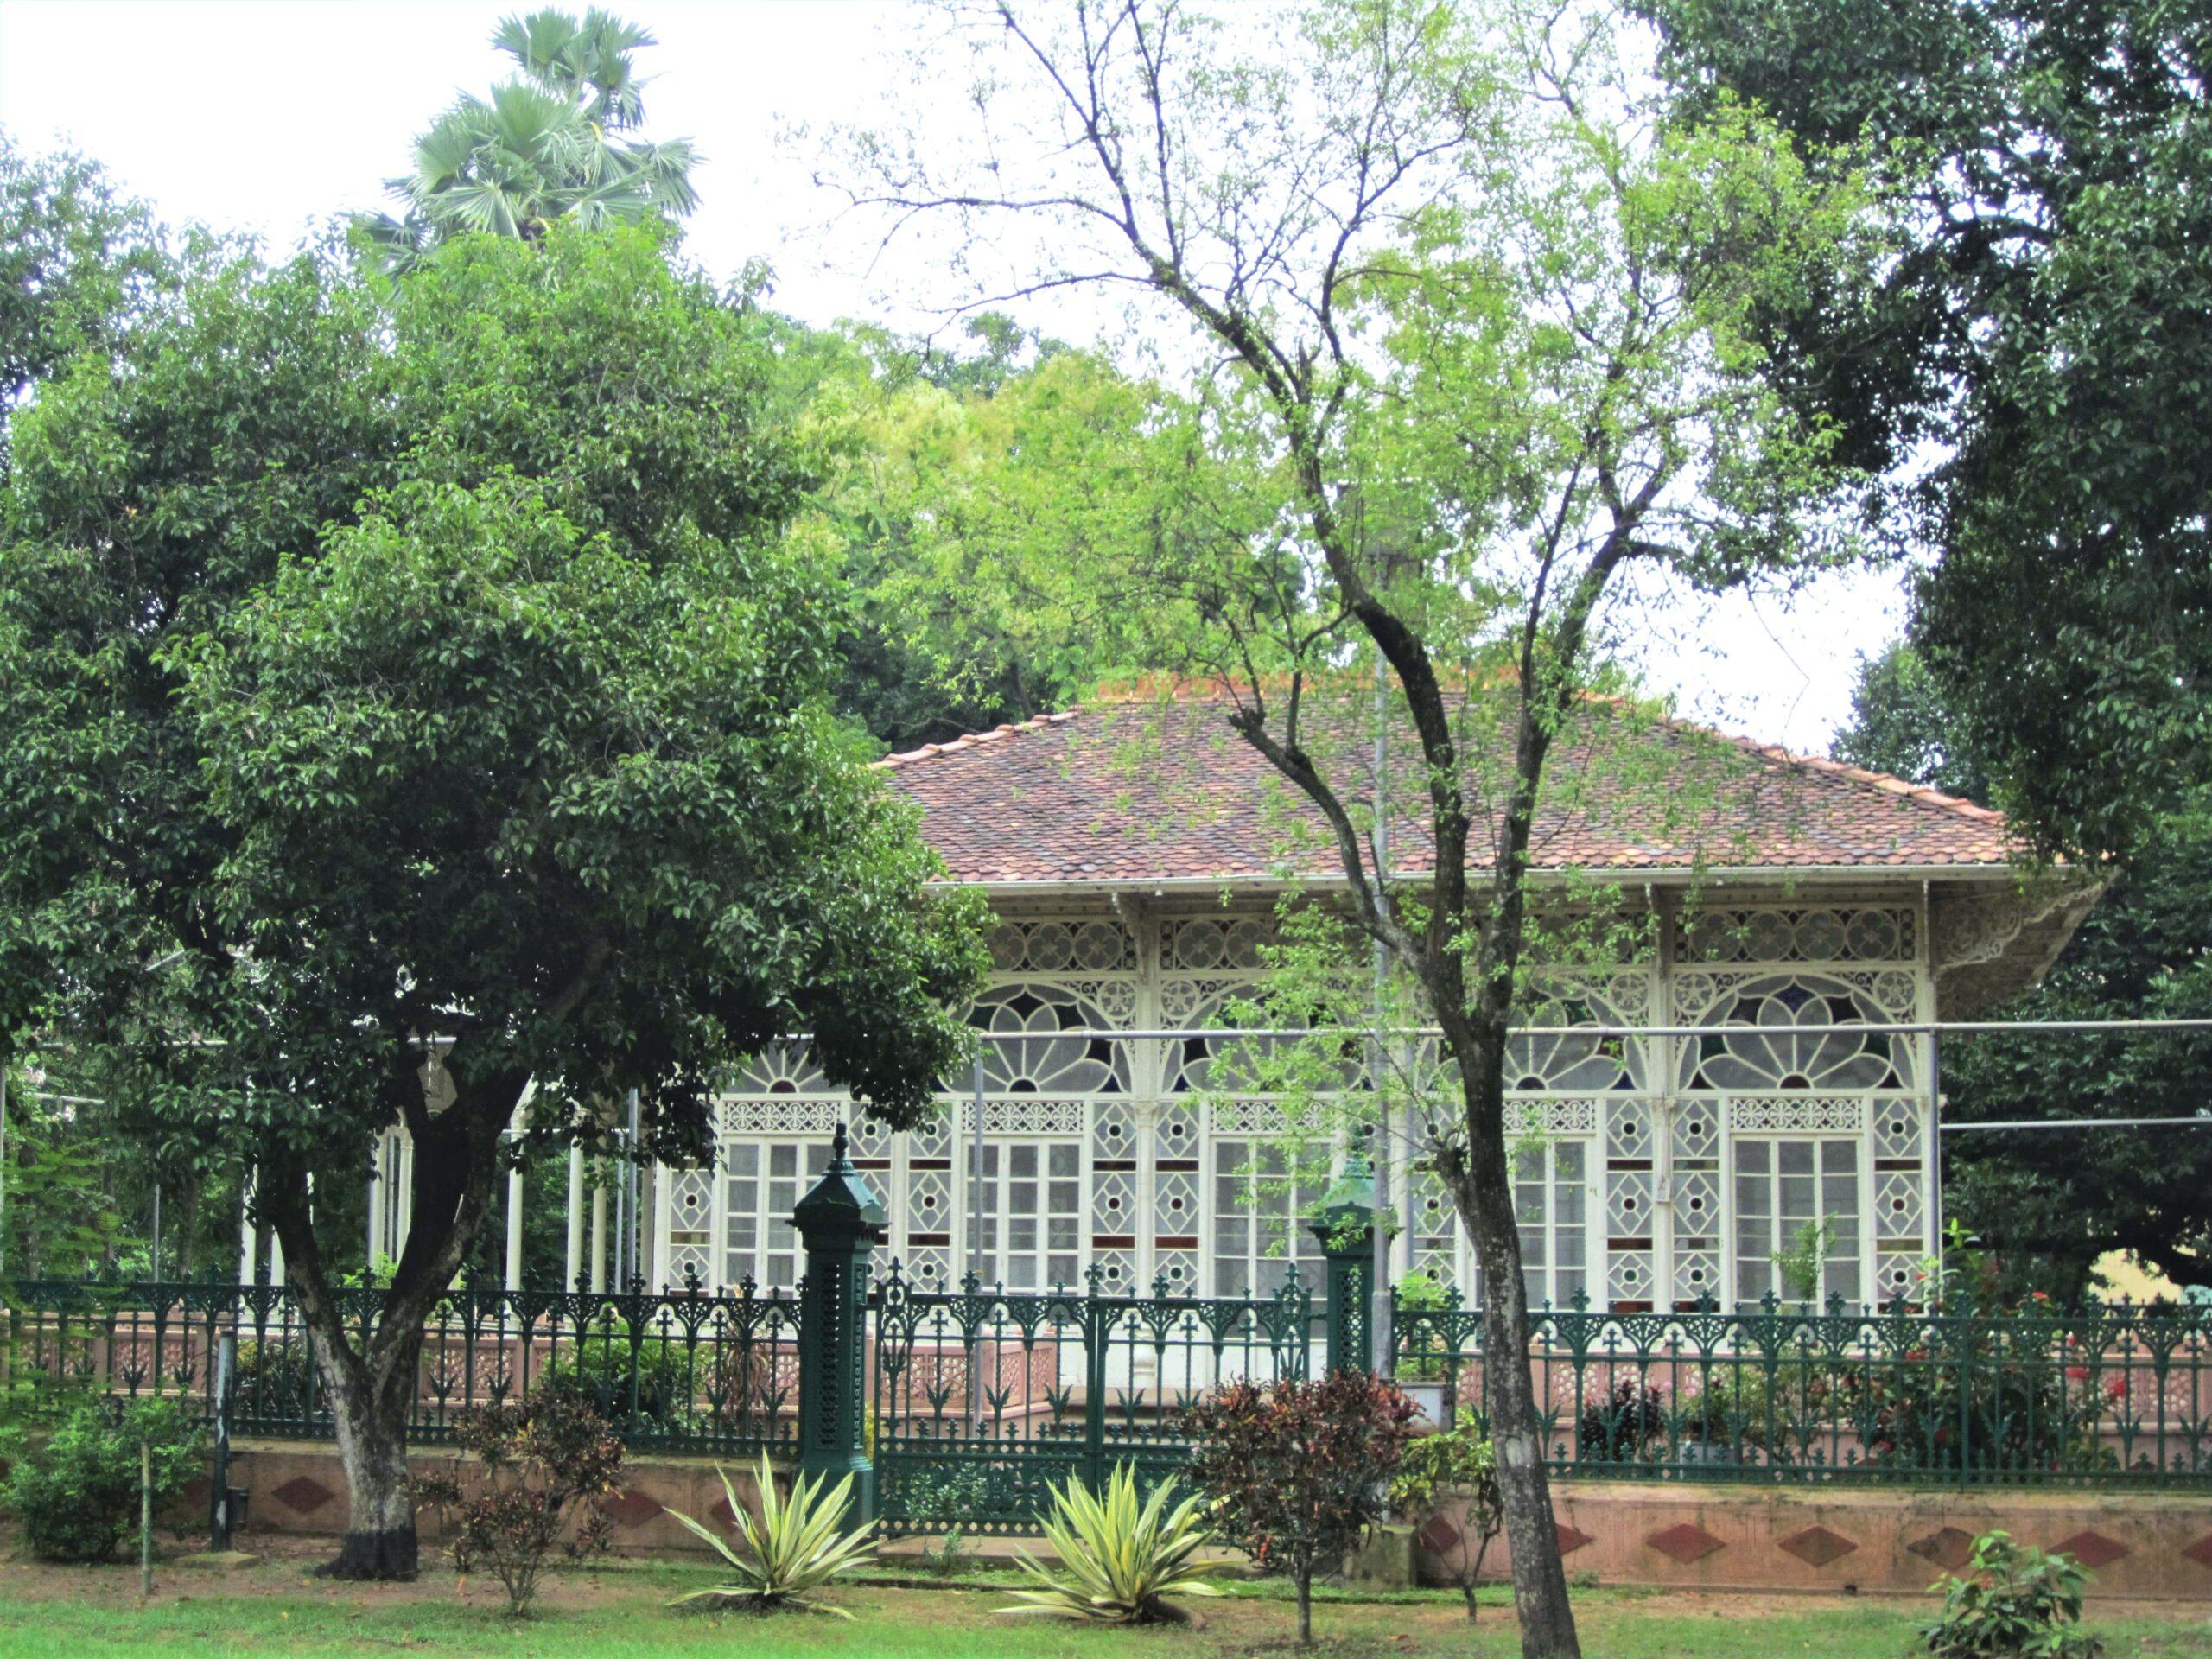 The Famous Glass House or Upasana Griha within Vishva Bharati University Complex